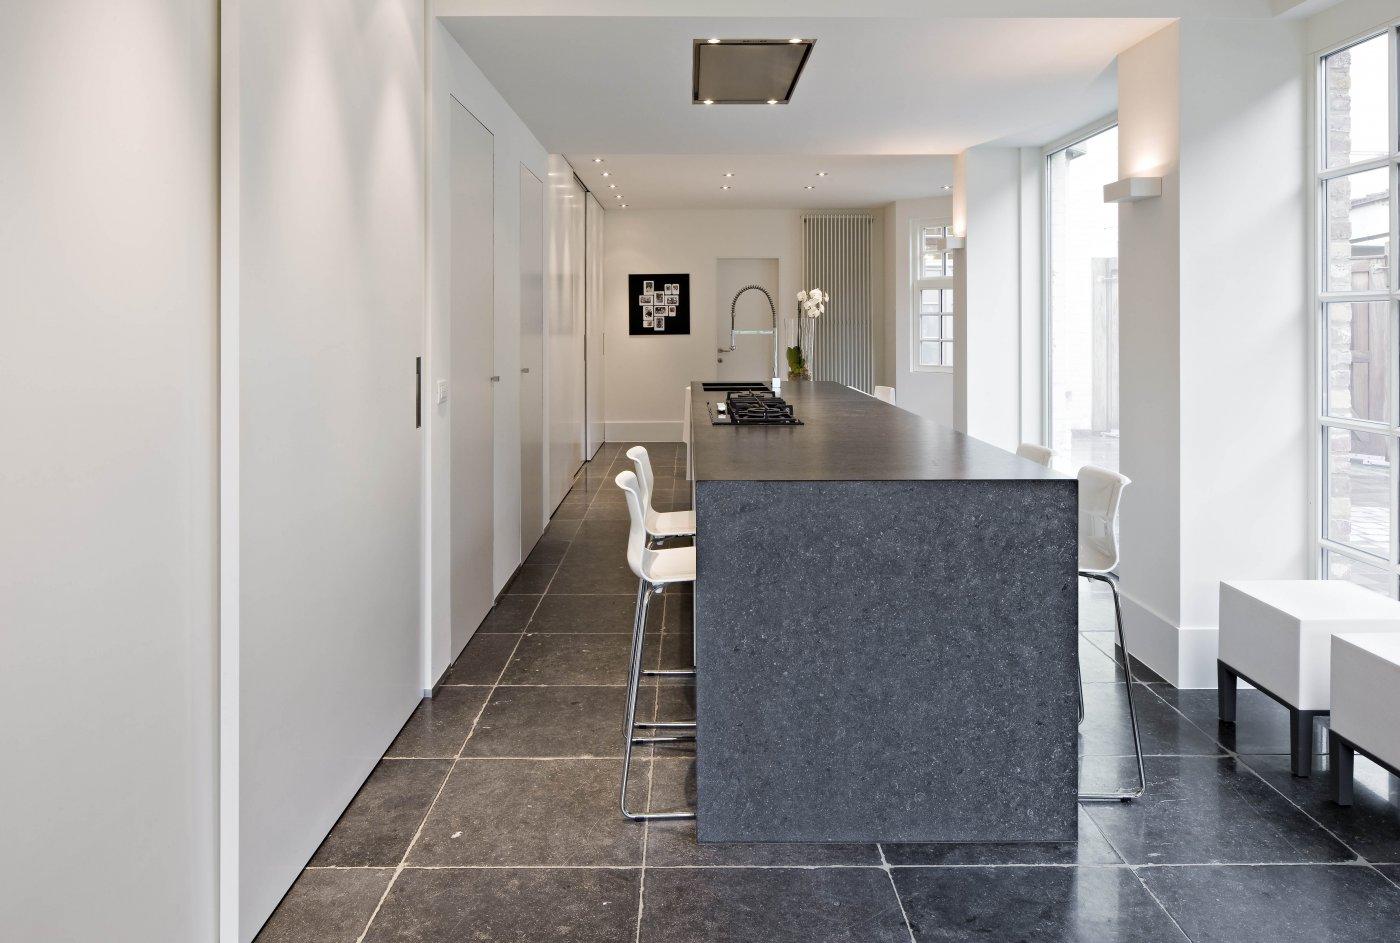 Belgisch Hardsteen Tegels : Belgisch hardsteen tegels de opkamer antieke vloeren en schouwen